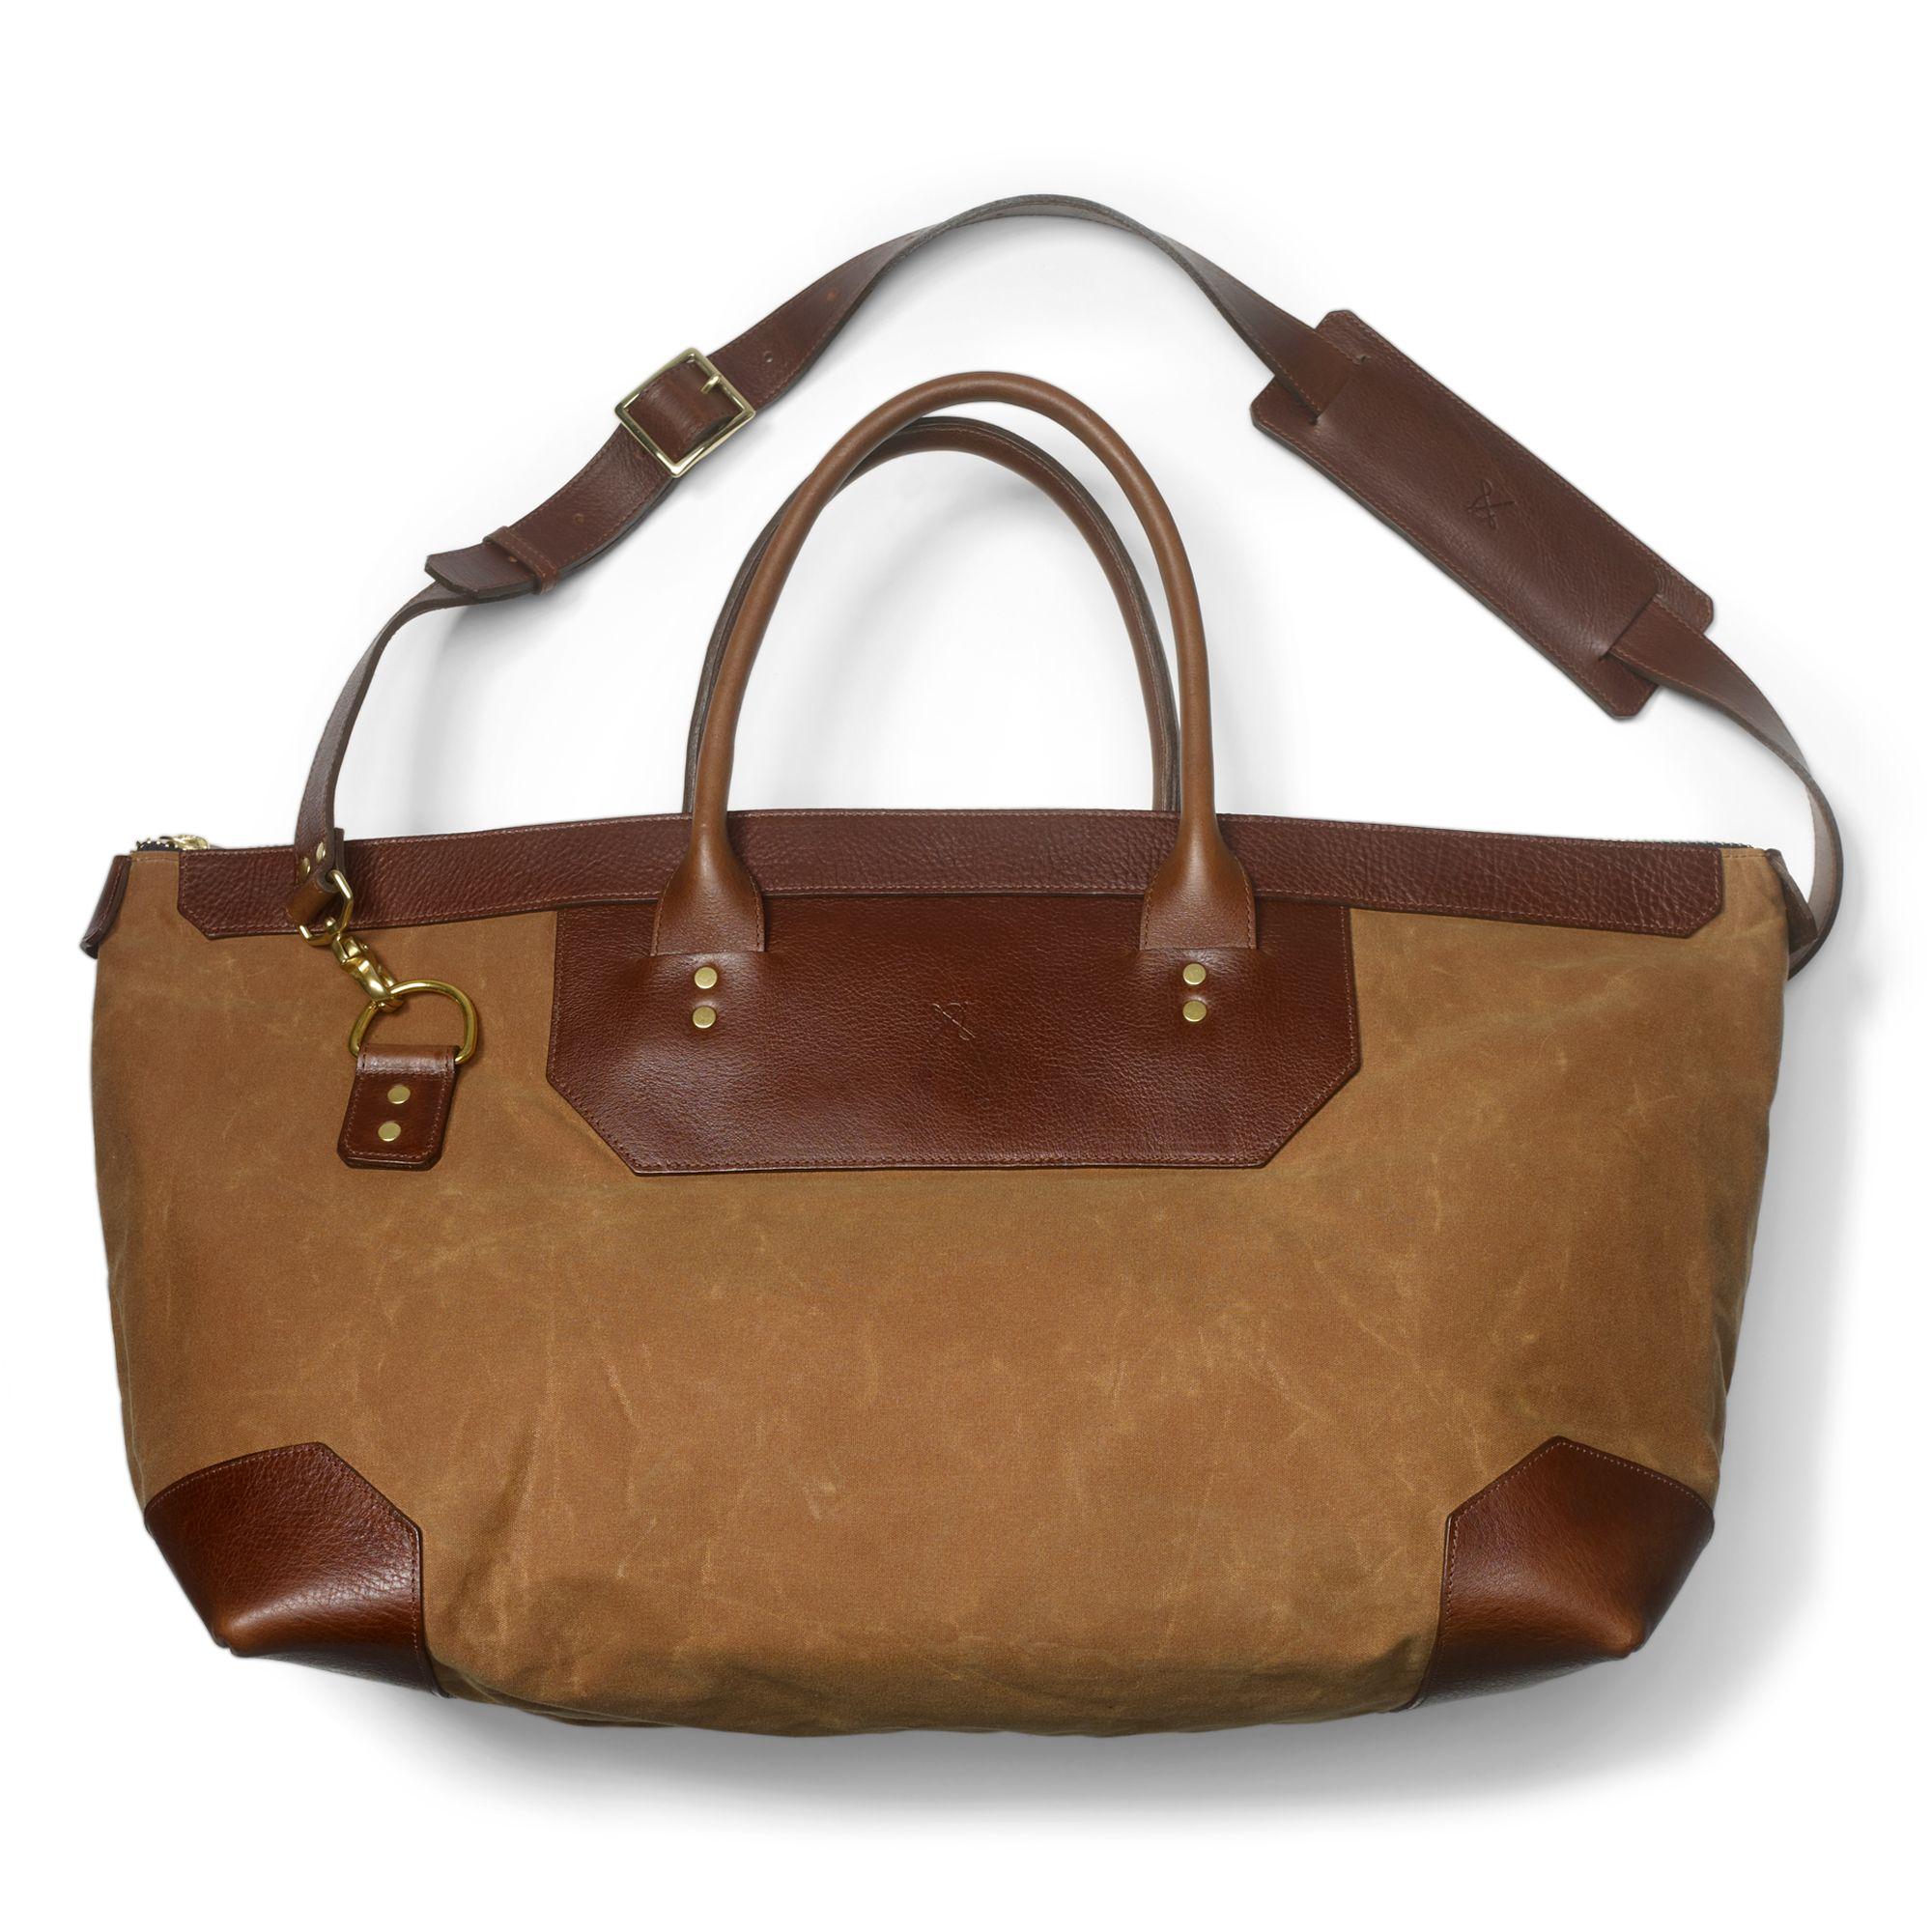 Lyst - Club Monaco Ernest Alexander Weekender Bag in Brown 78c3e1b3f8